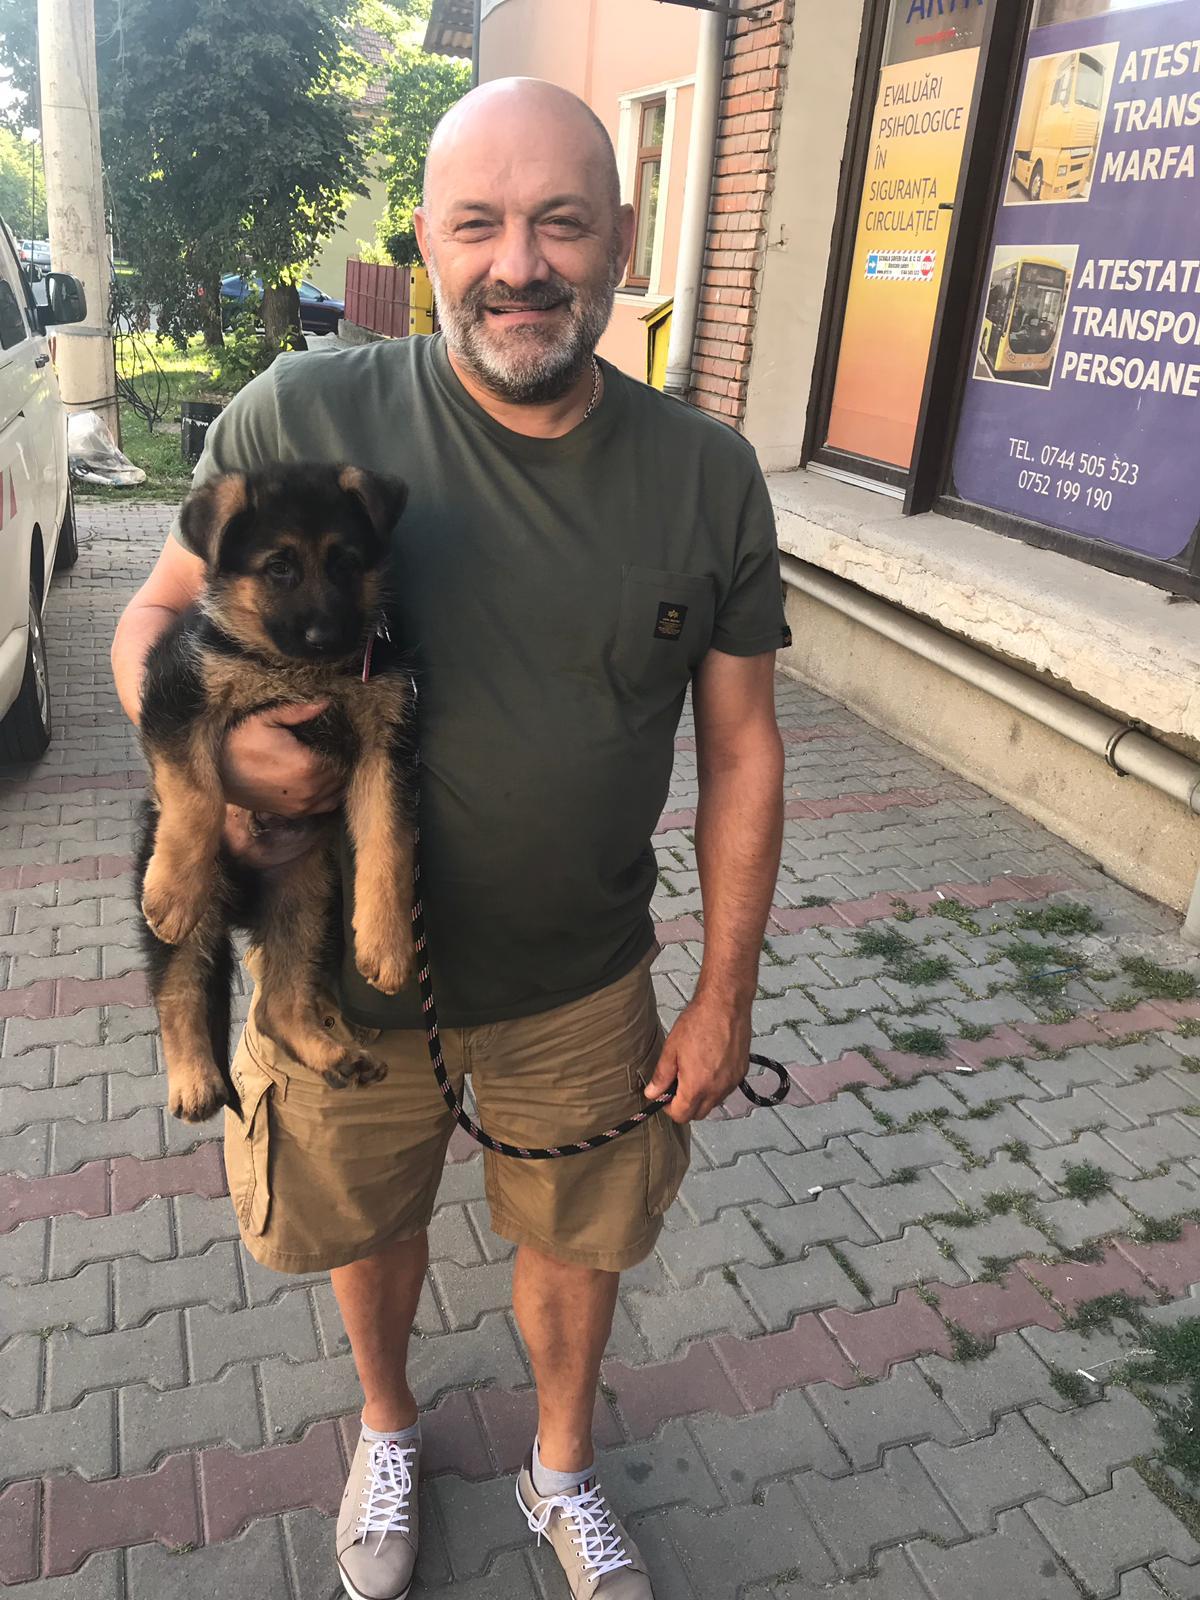 Soluție inedită pentru Liga I și Cupa României dată de Gabi Balint din izolare. Unde face pase cu un prieten născut pe o dată istorică! VIDEO EXCLUSIV (3)